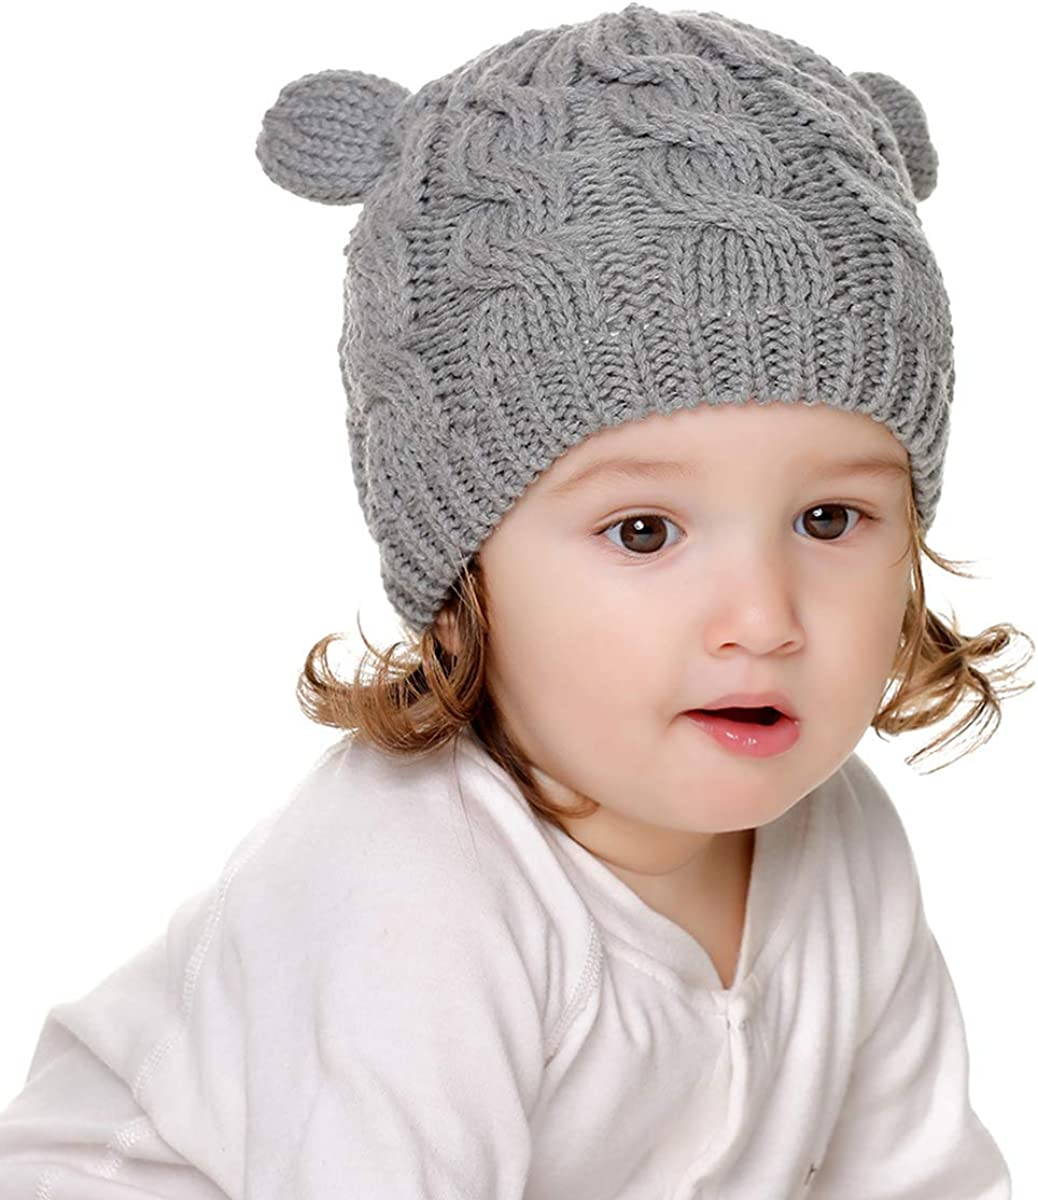 Yuehuam Baby Hat and Mitten Set Knit Toddler Winter Warm Fleece Beanie Cap Gloves for 0-18M Newborn Boy Girl